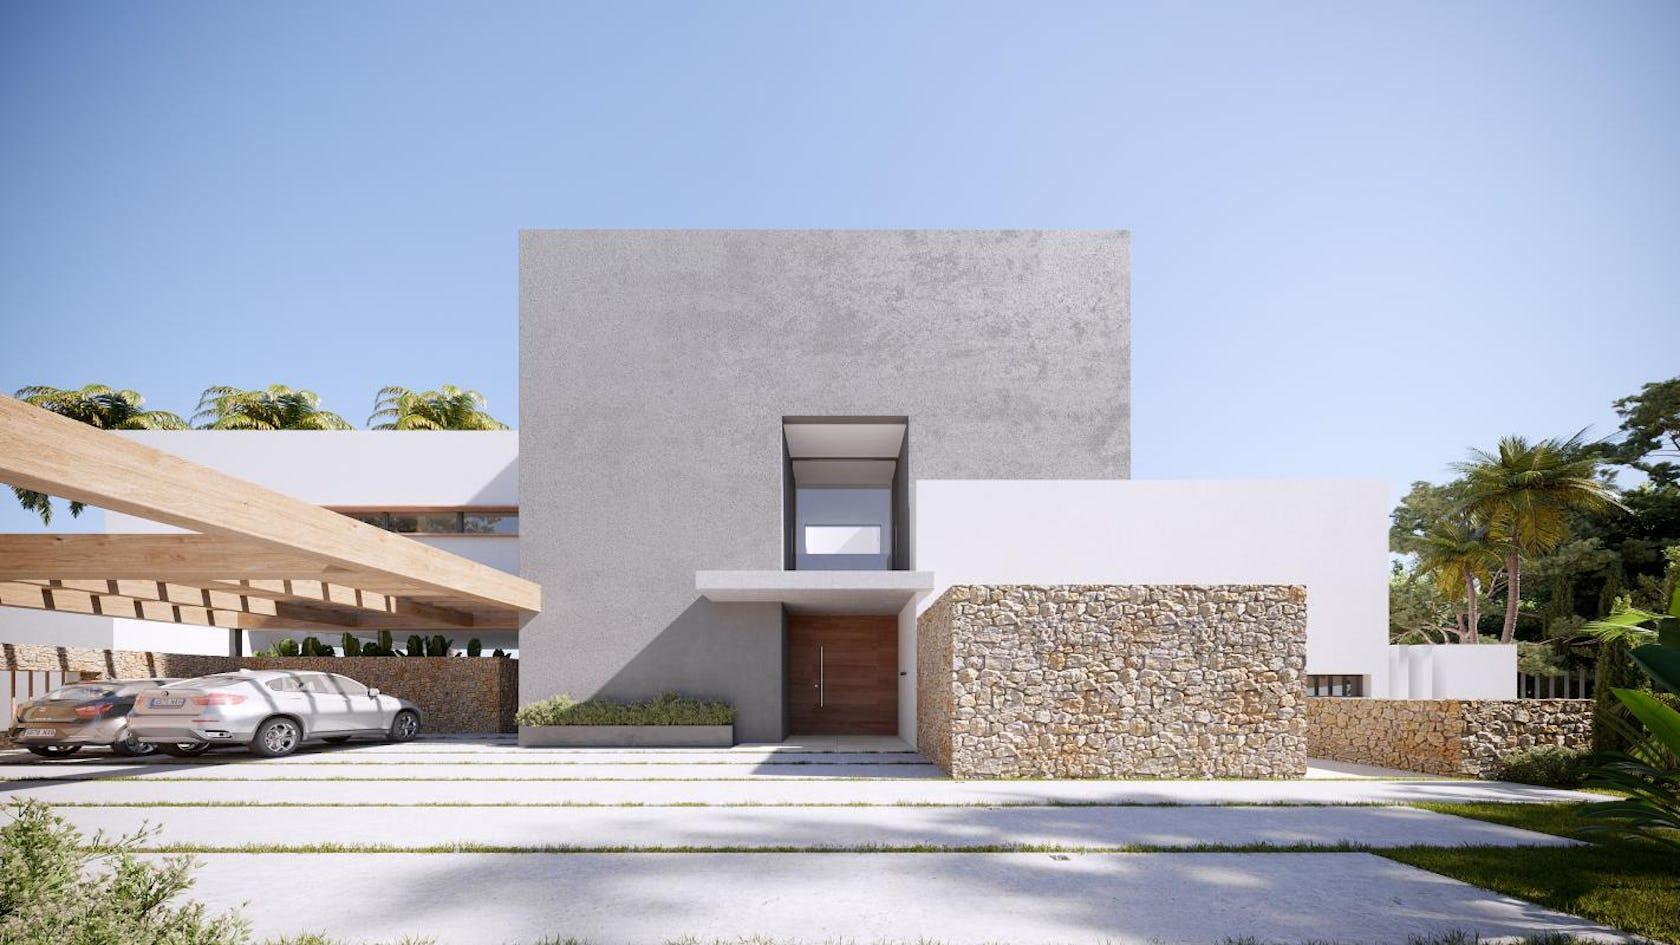 building housing car vehicle automobile transportation architecture wall concrete